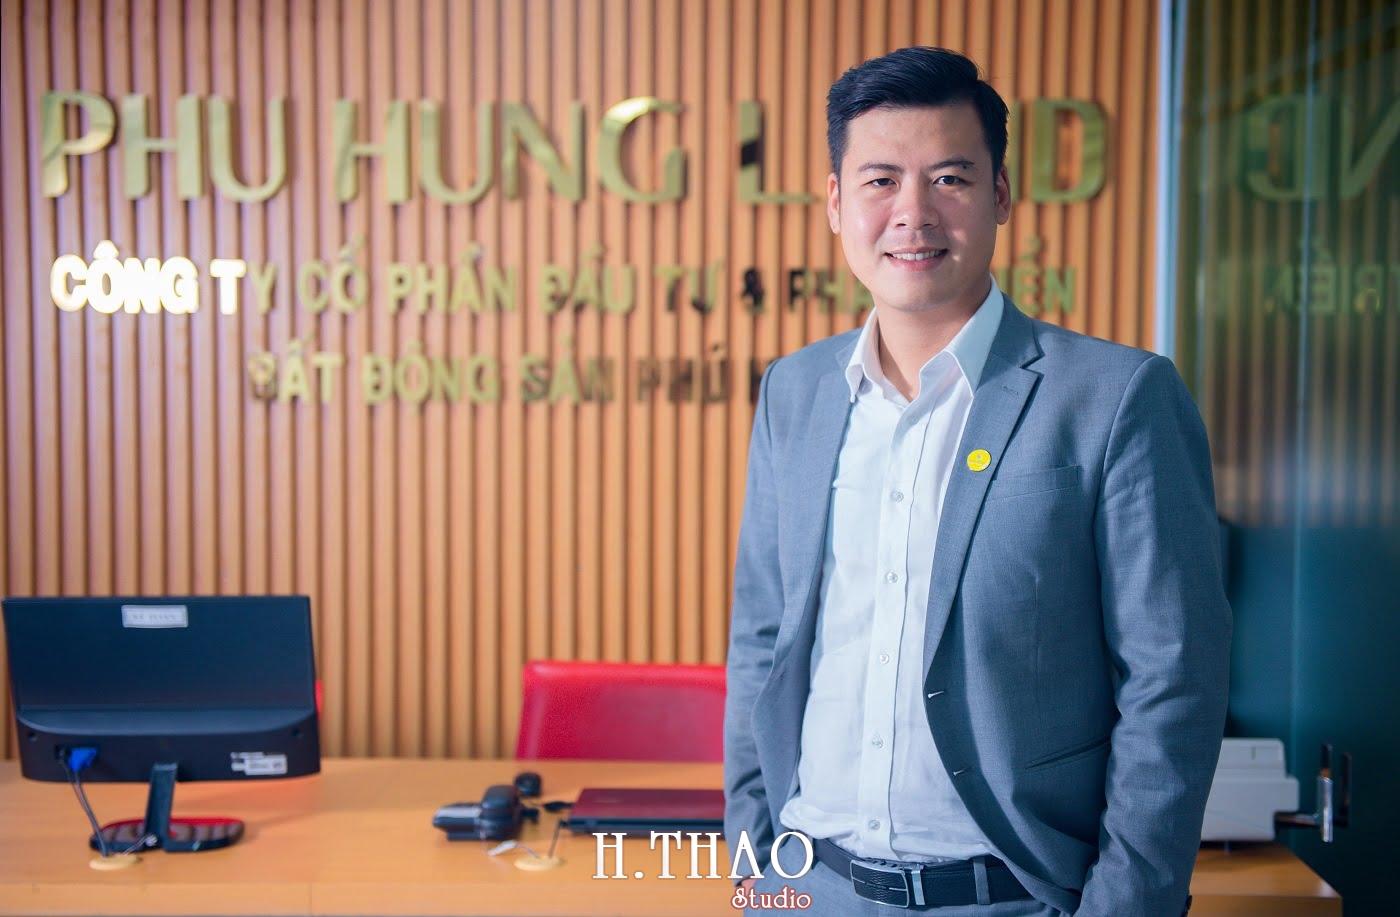 Phu Hung Land 71 min - Album ảnh doanh nhân ban lãnh đạo công ty Phu Hung Land